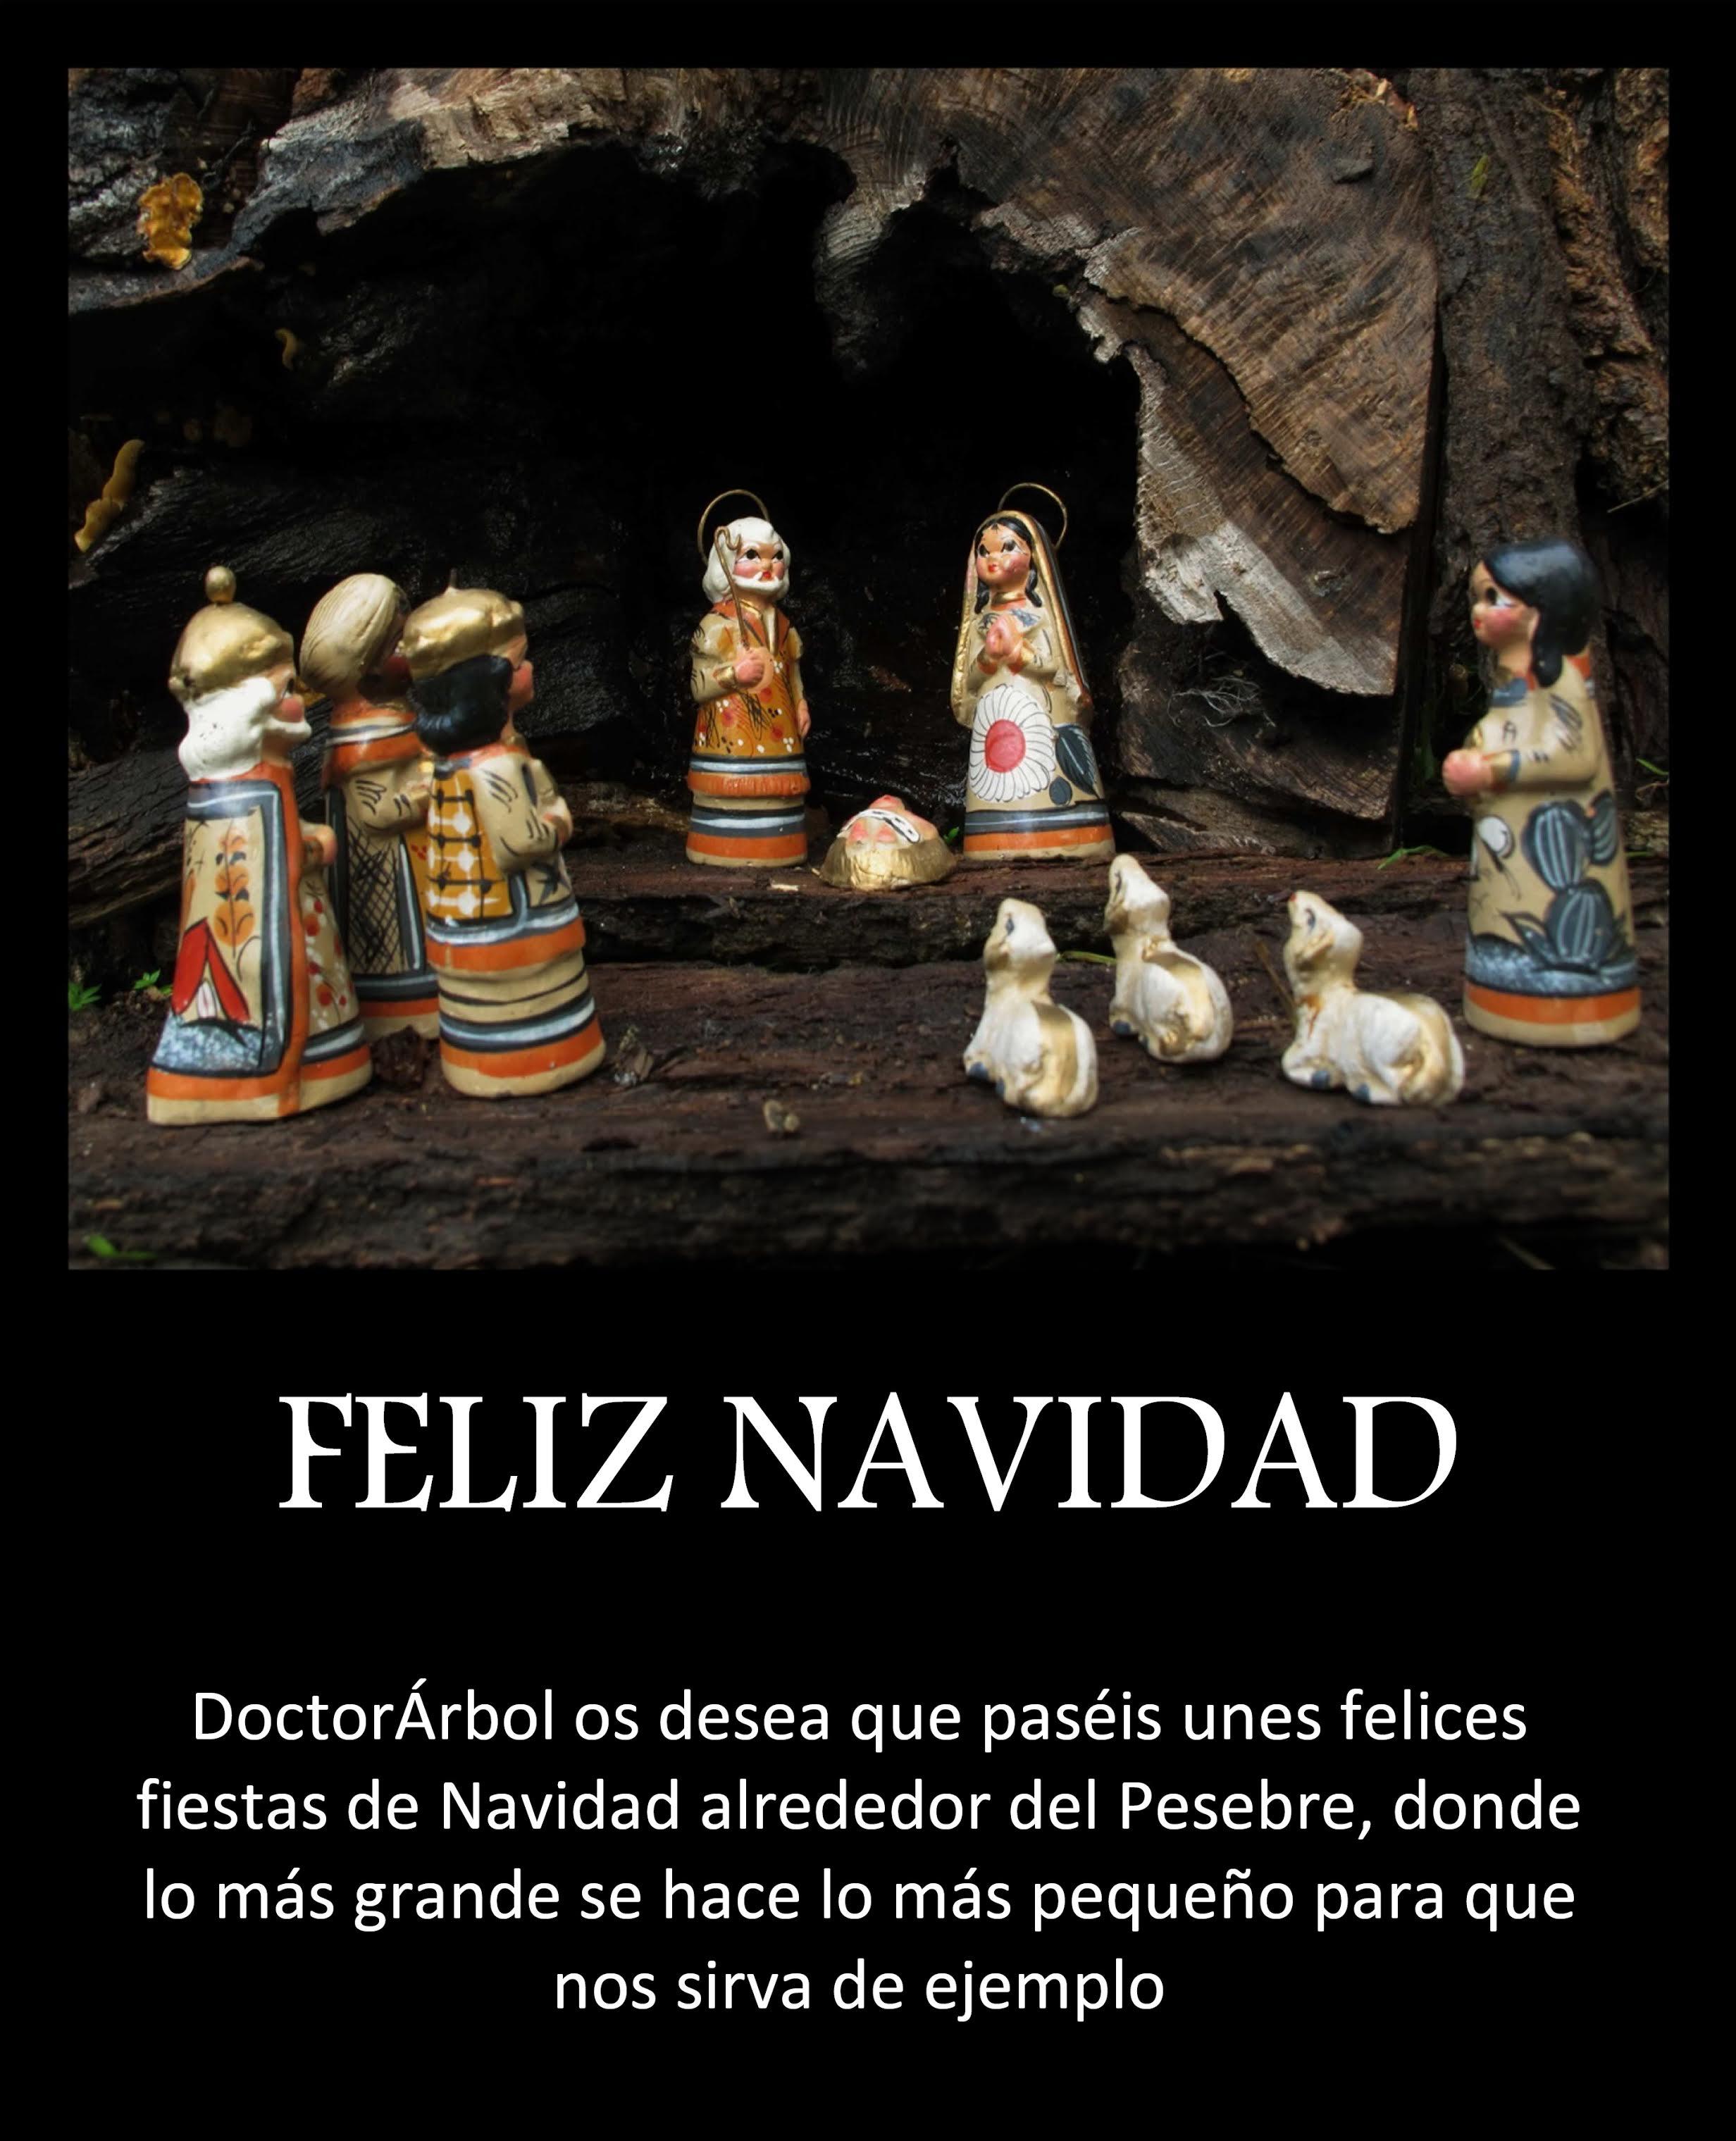 navidad-doctorarbol-2016